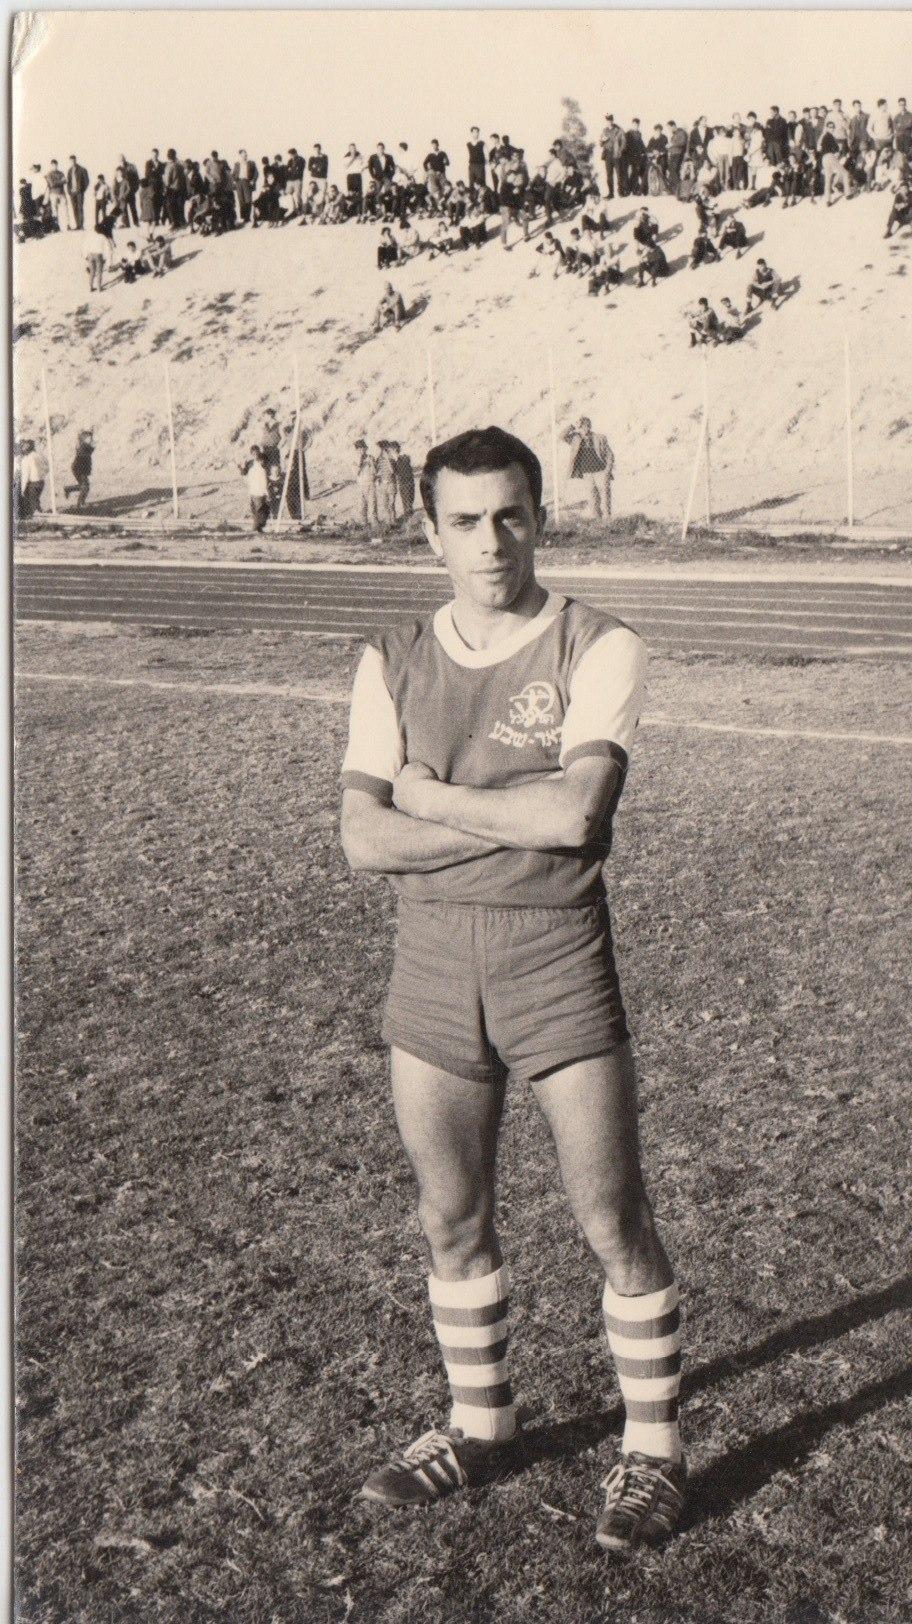 יצחק גוזלן בתקופת הכדורגל 2.jpeg